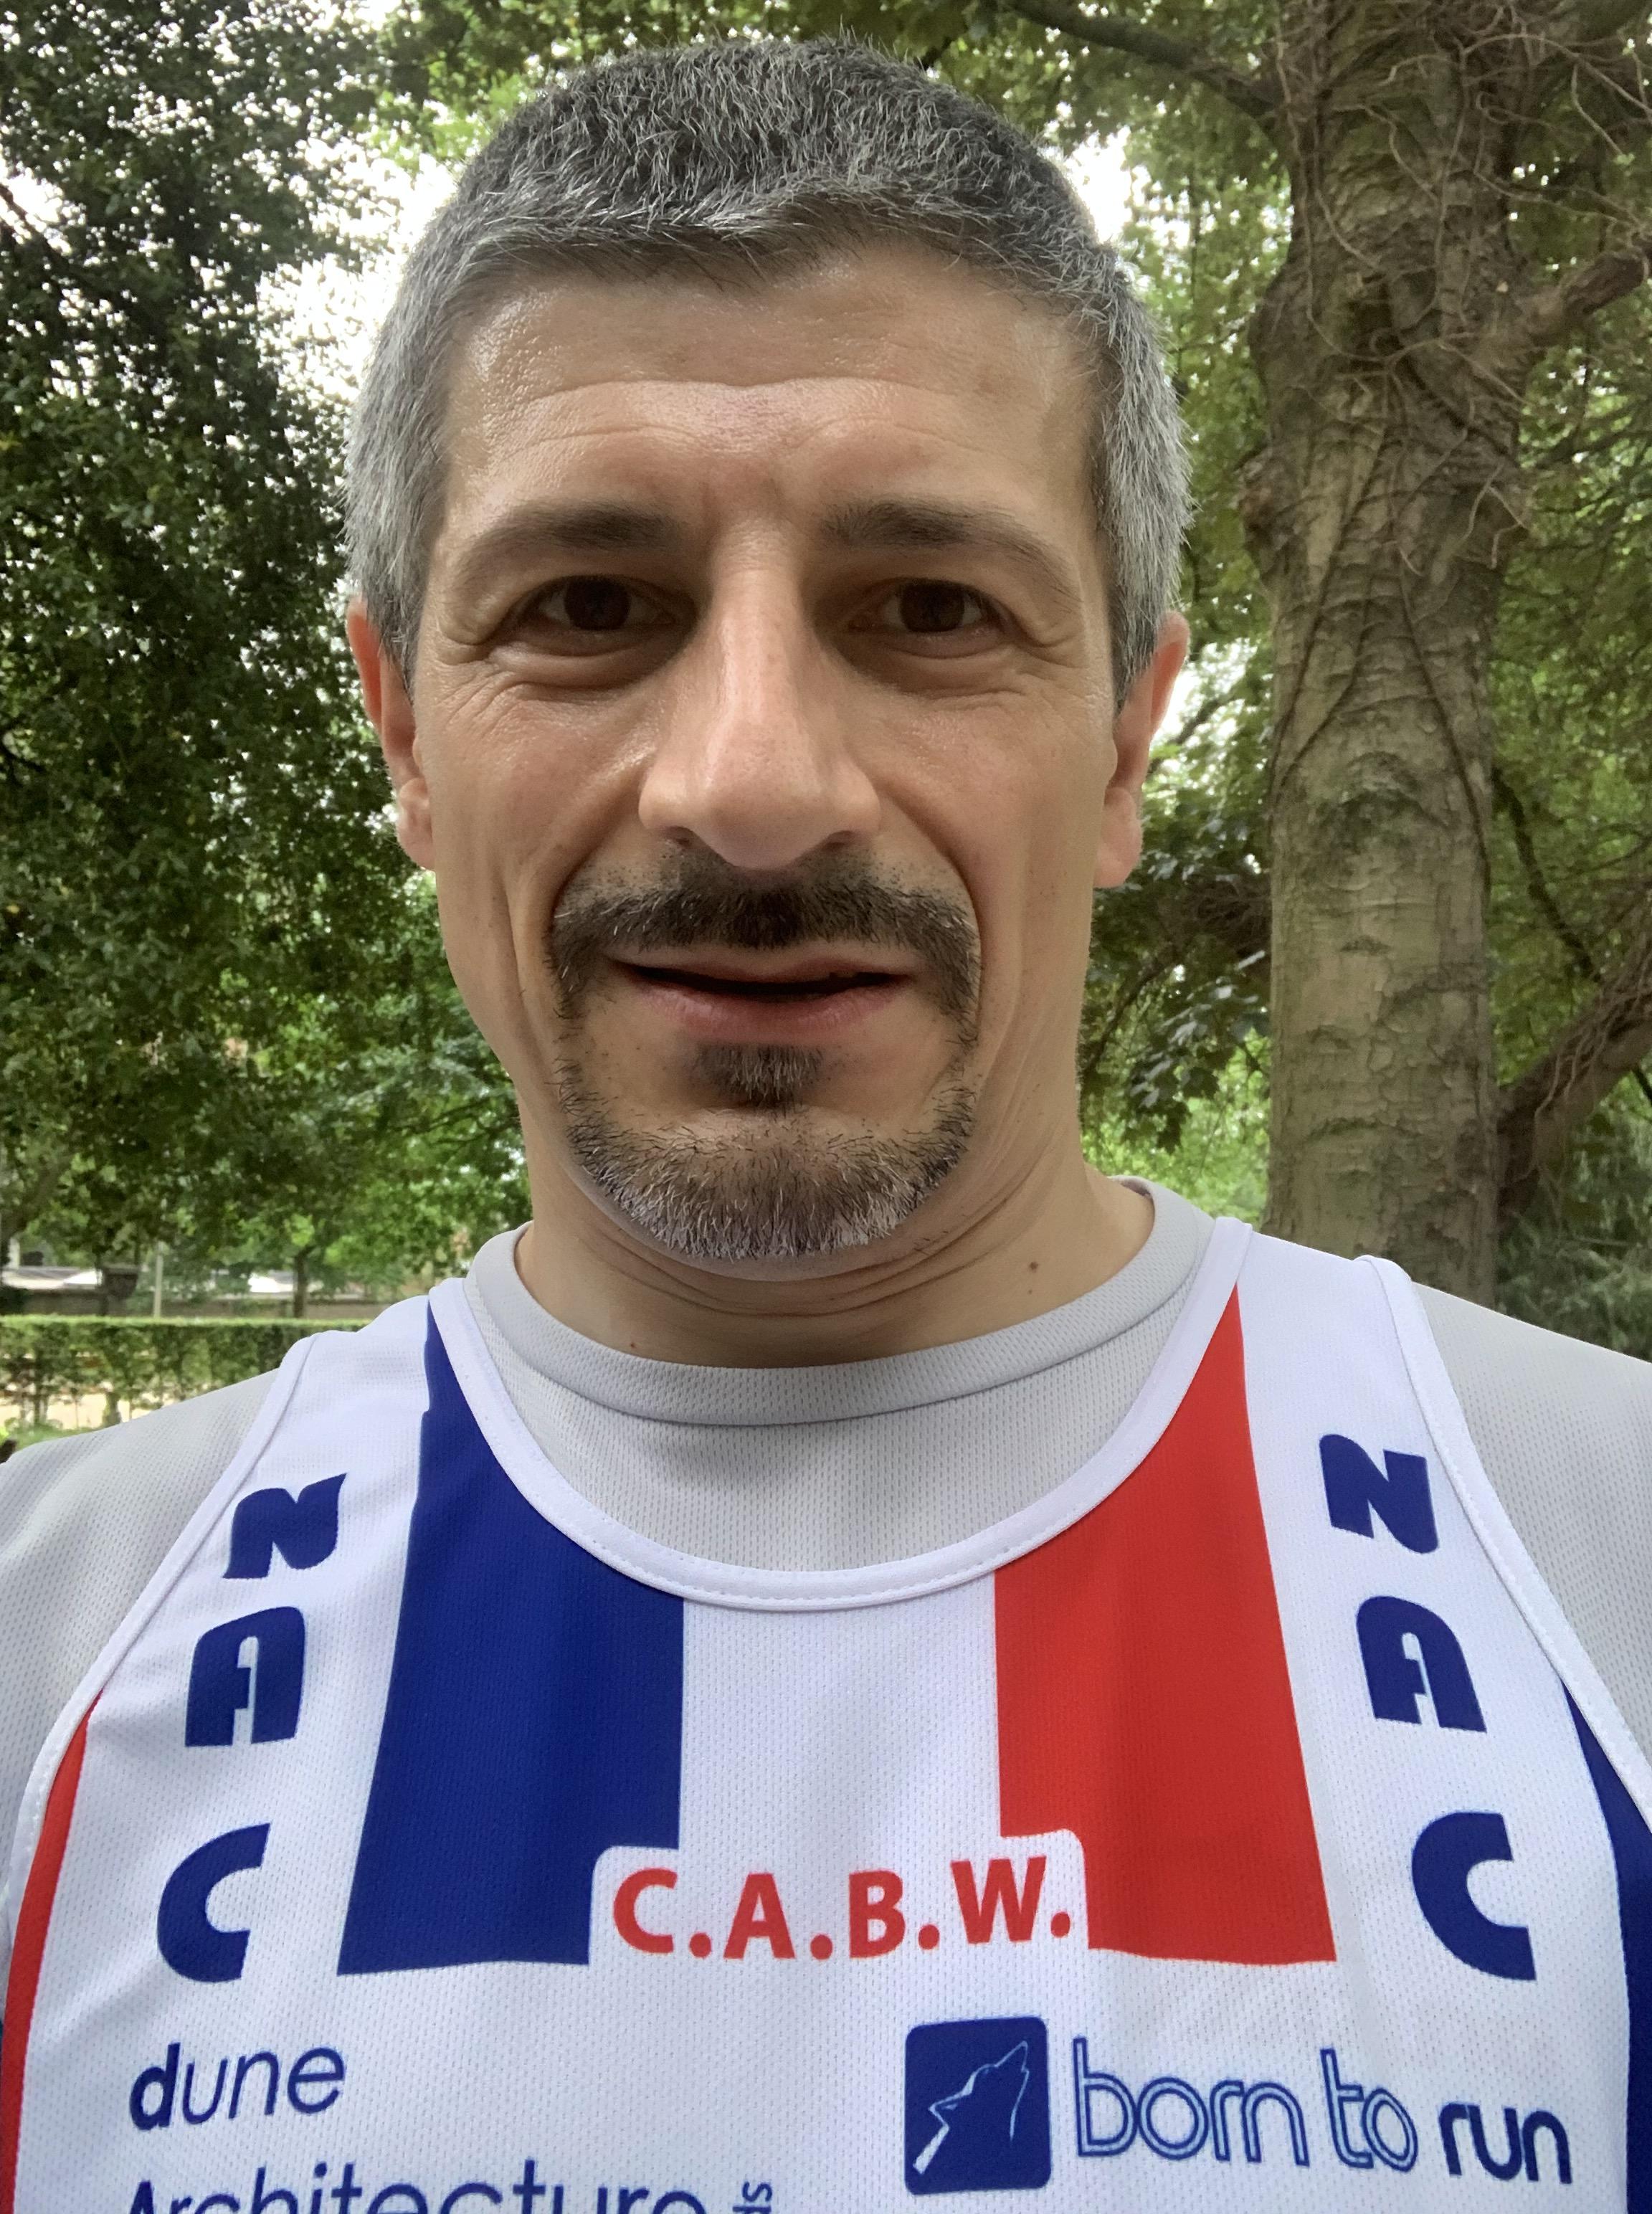 Salvatore 10 km 2